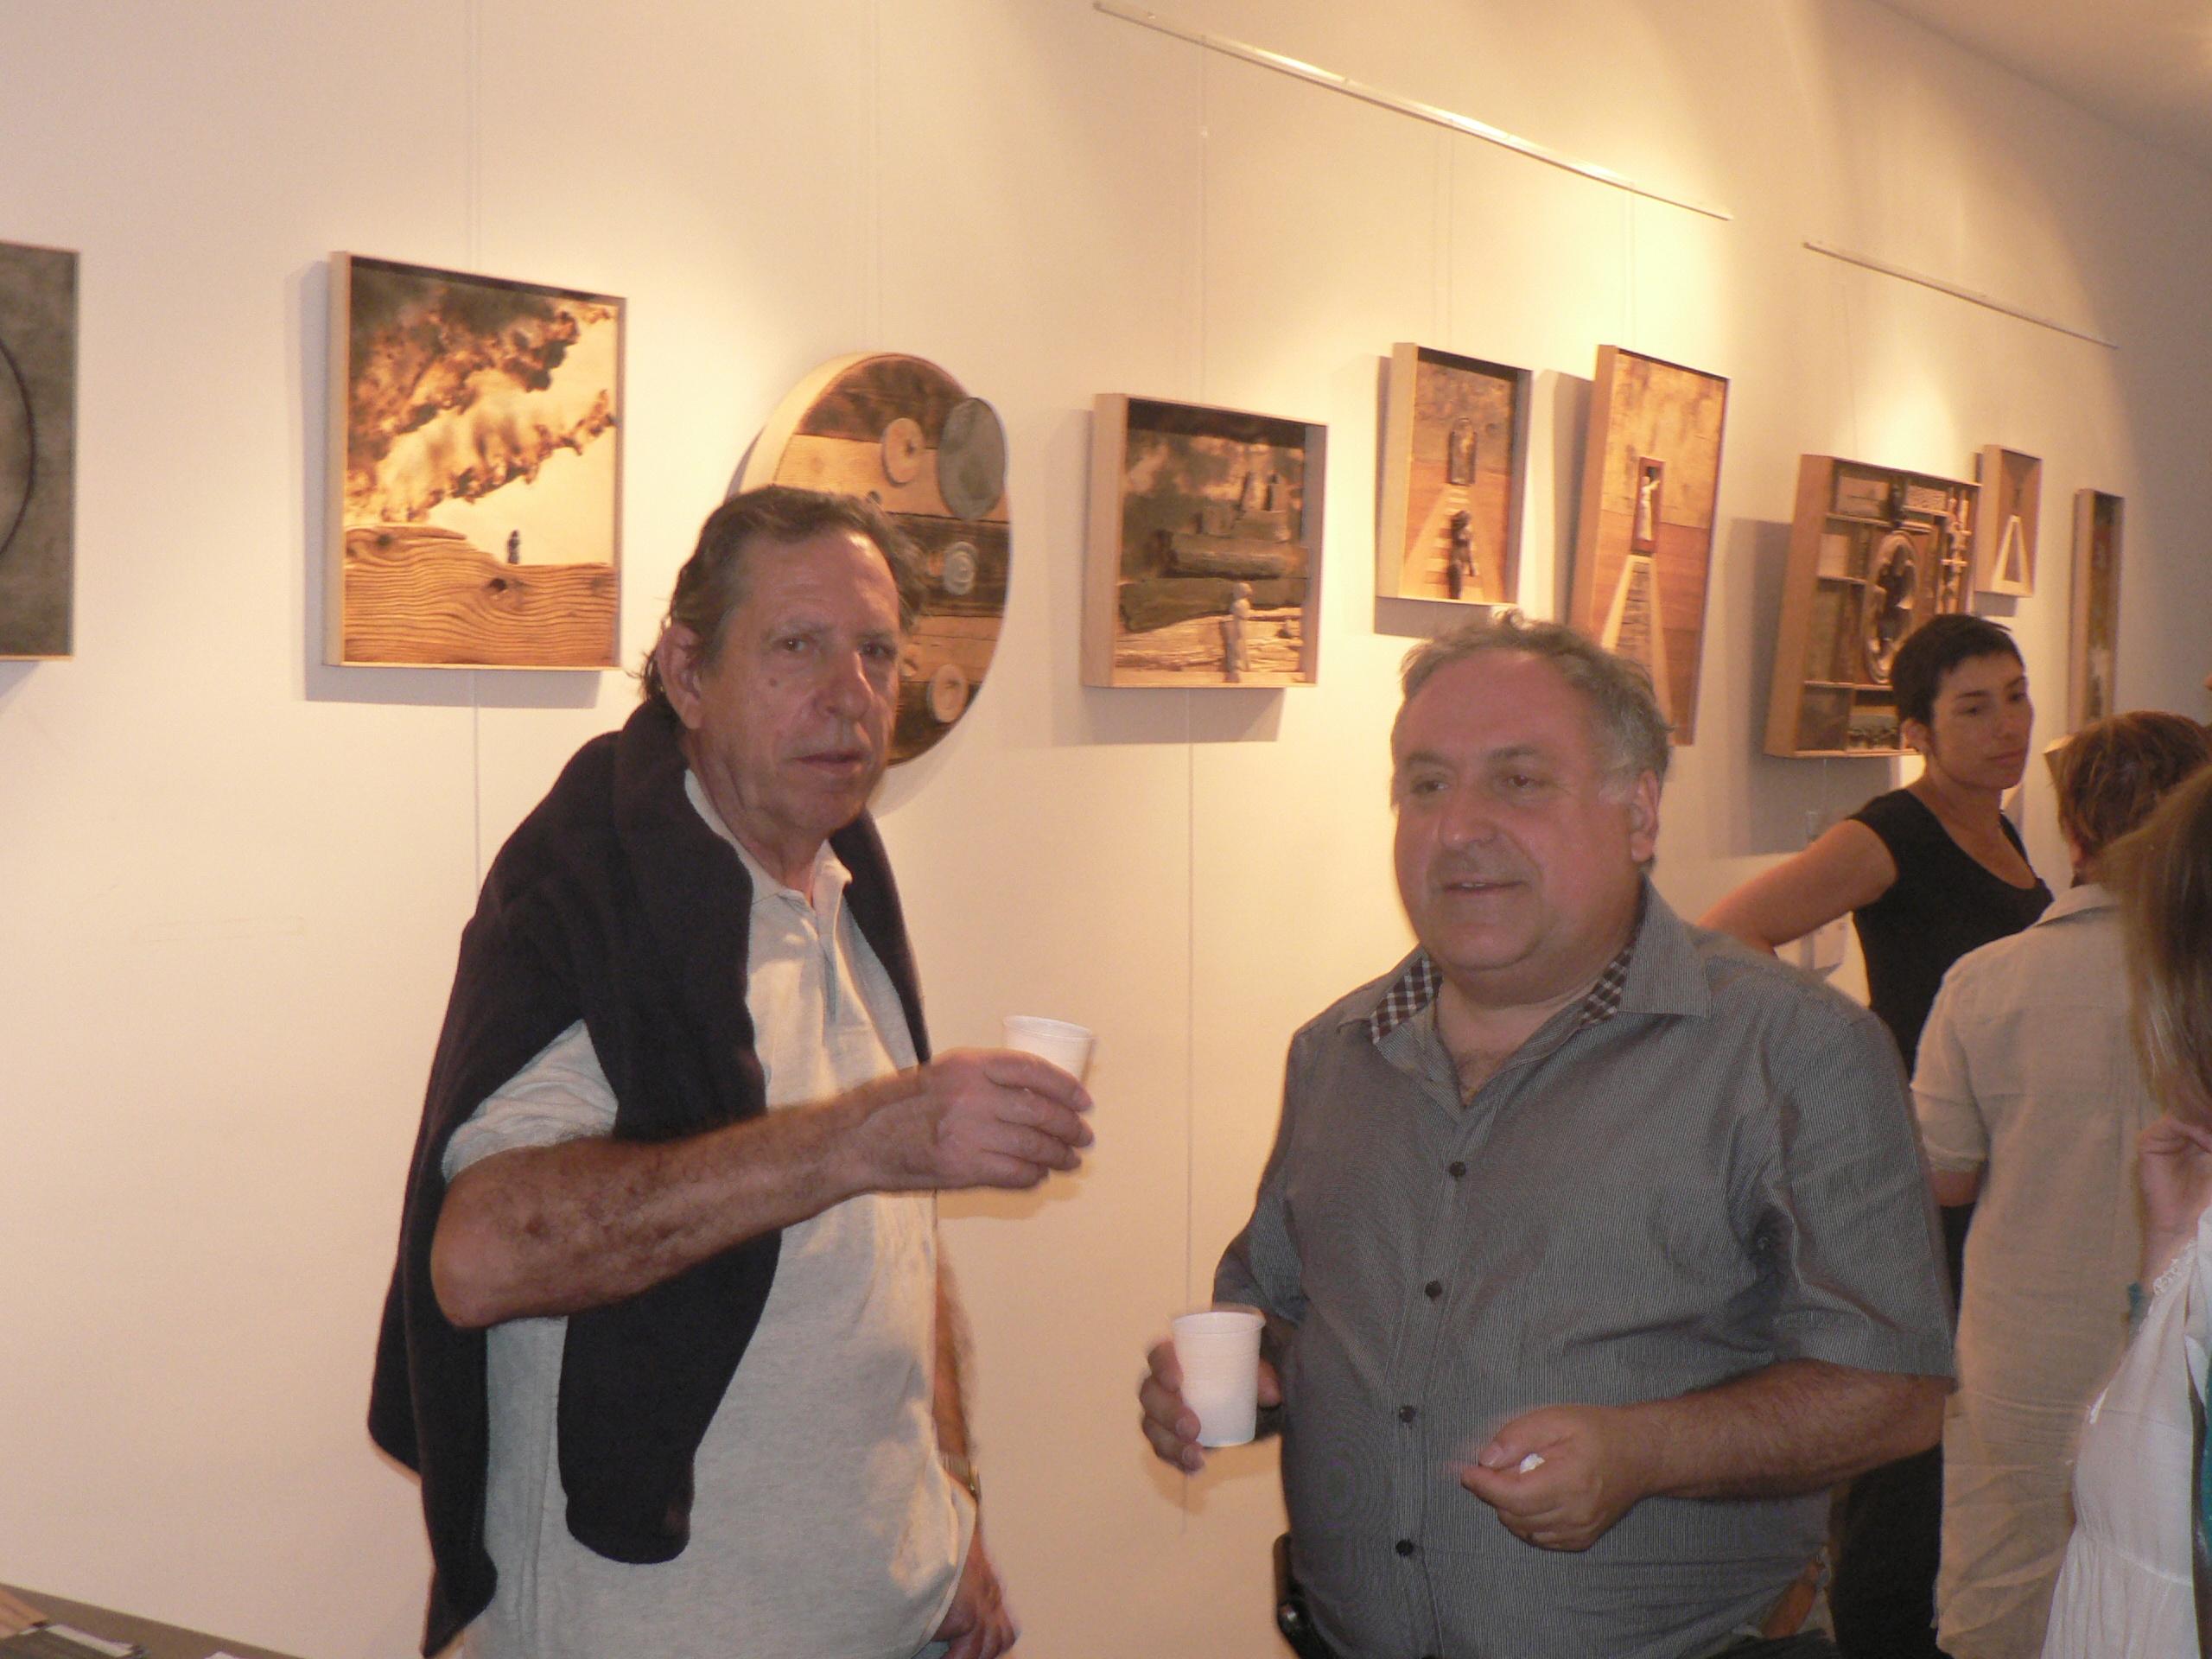 Alain Gilles, Sculpteur s'expose à l'Atelier des ARTS !